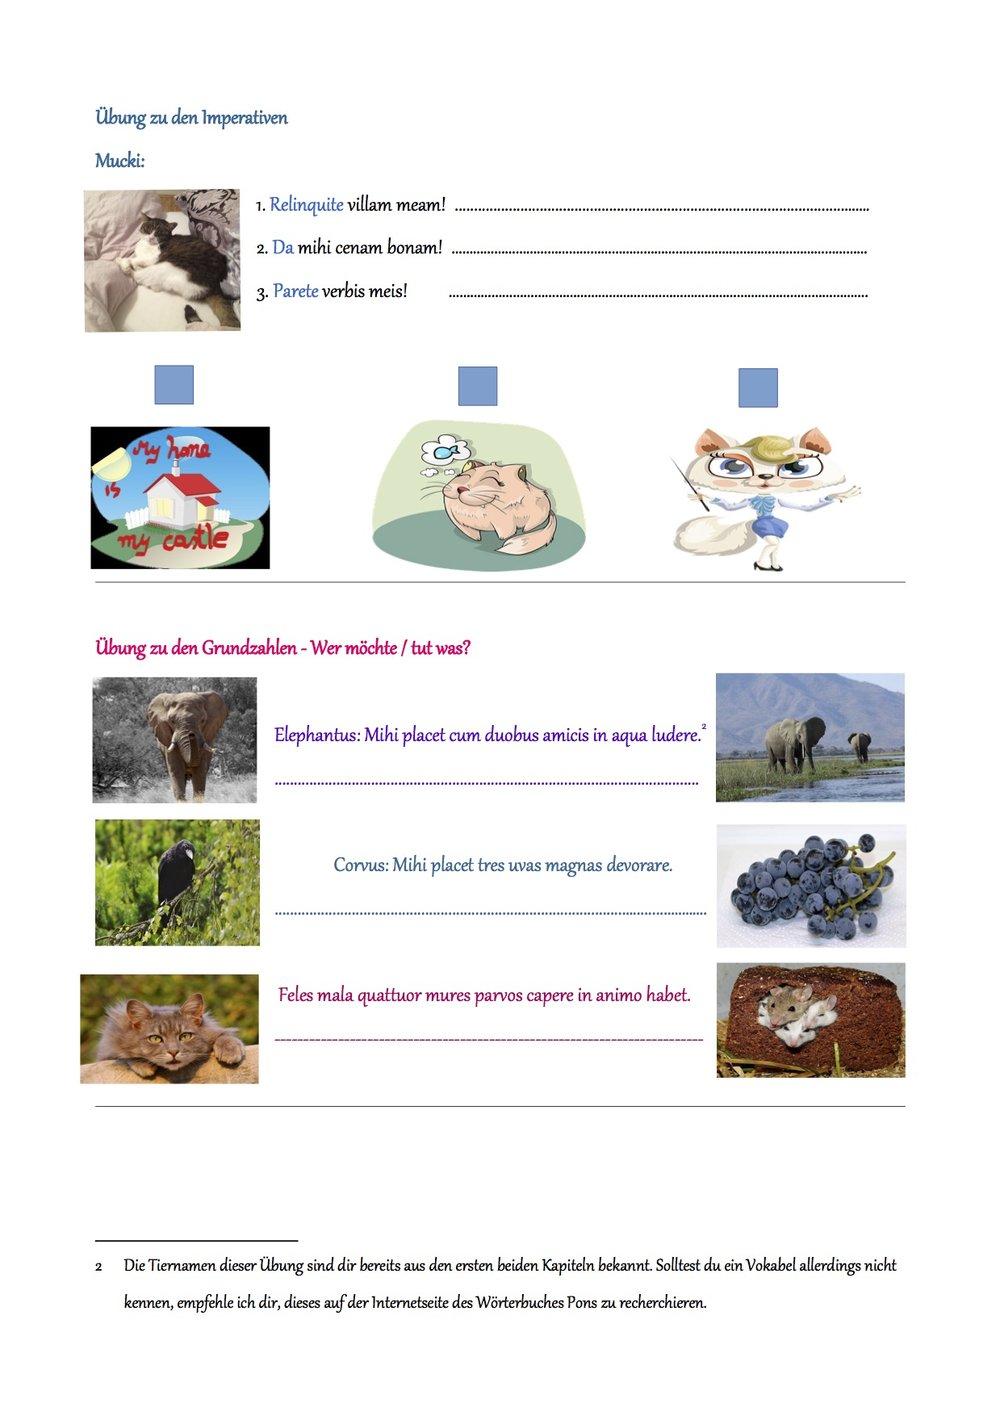 Medias in laetitias - das etwas andere Begleitbuch für den Latein Unterricht